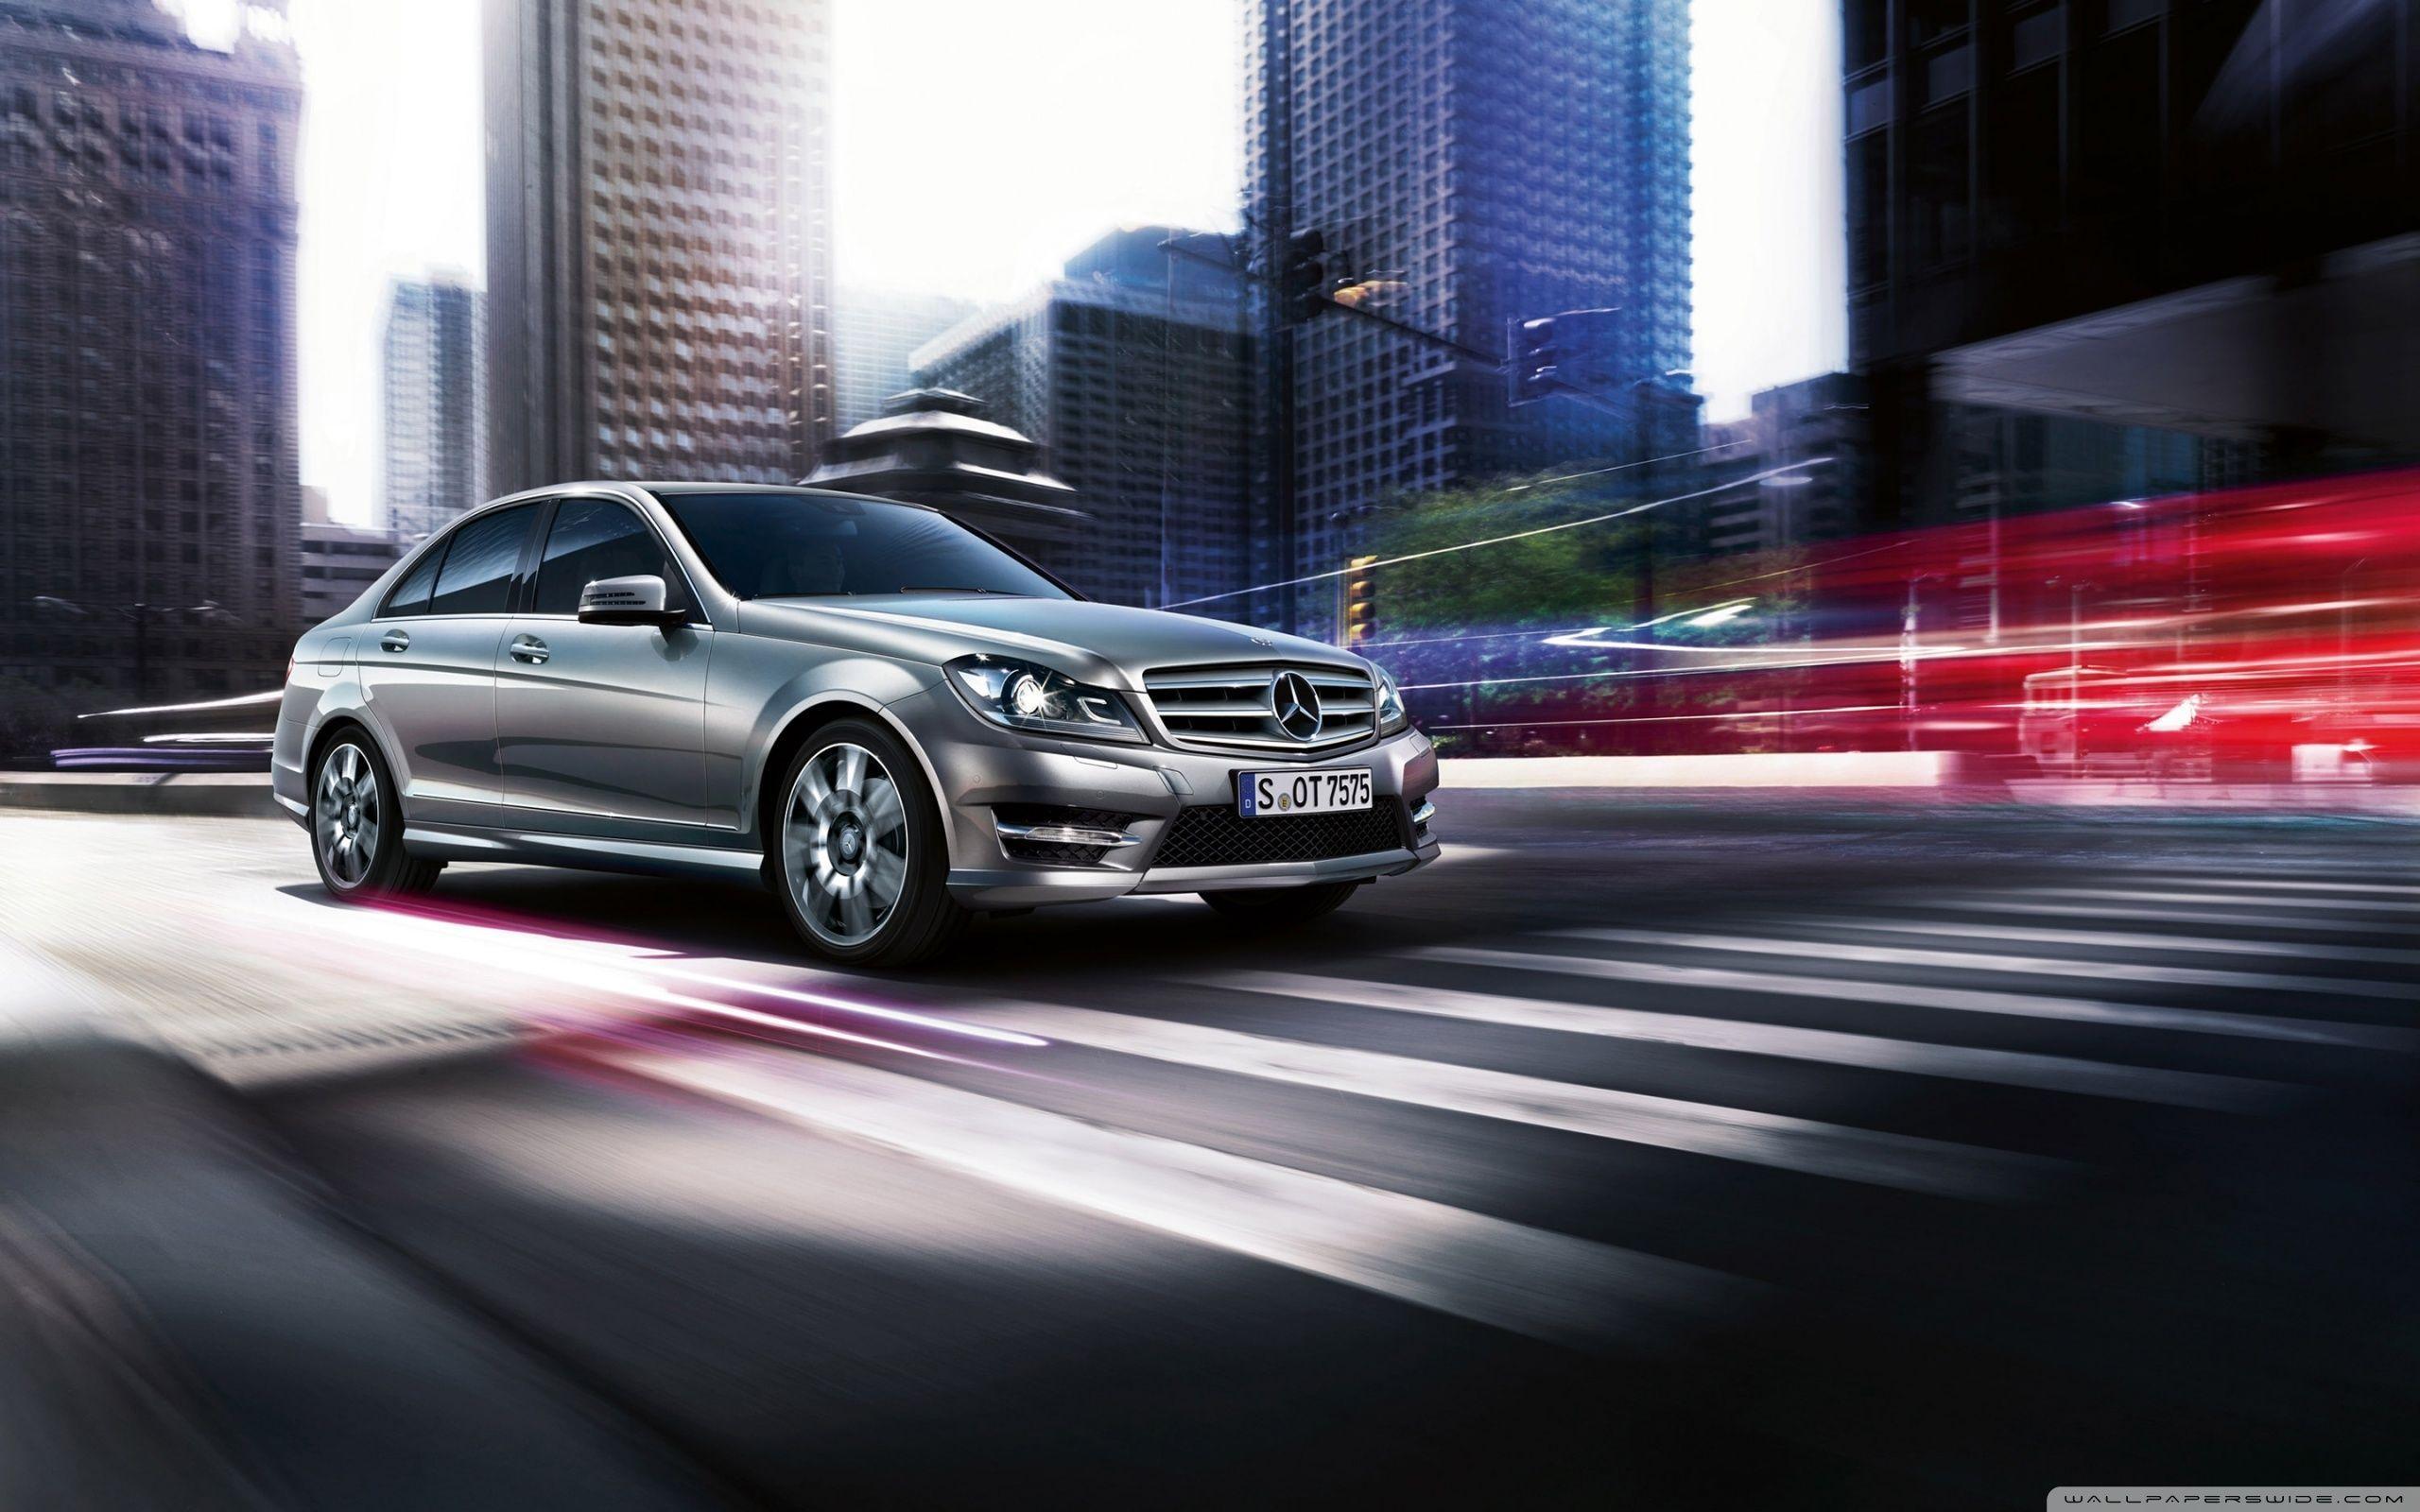 2013 Mercedes Benz C Class HD desktop wallpaper : High Definition ...